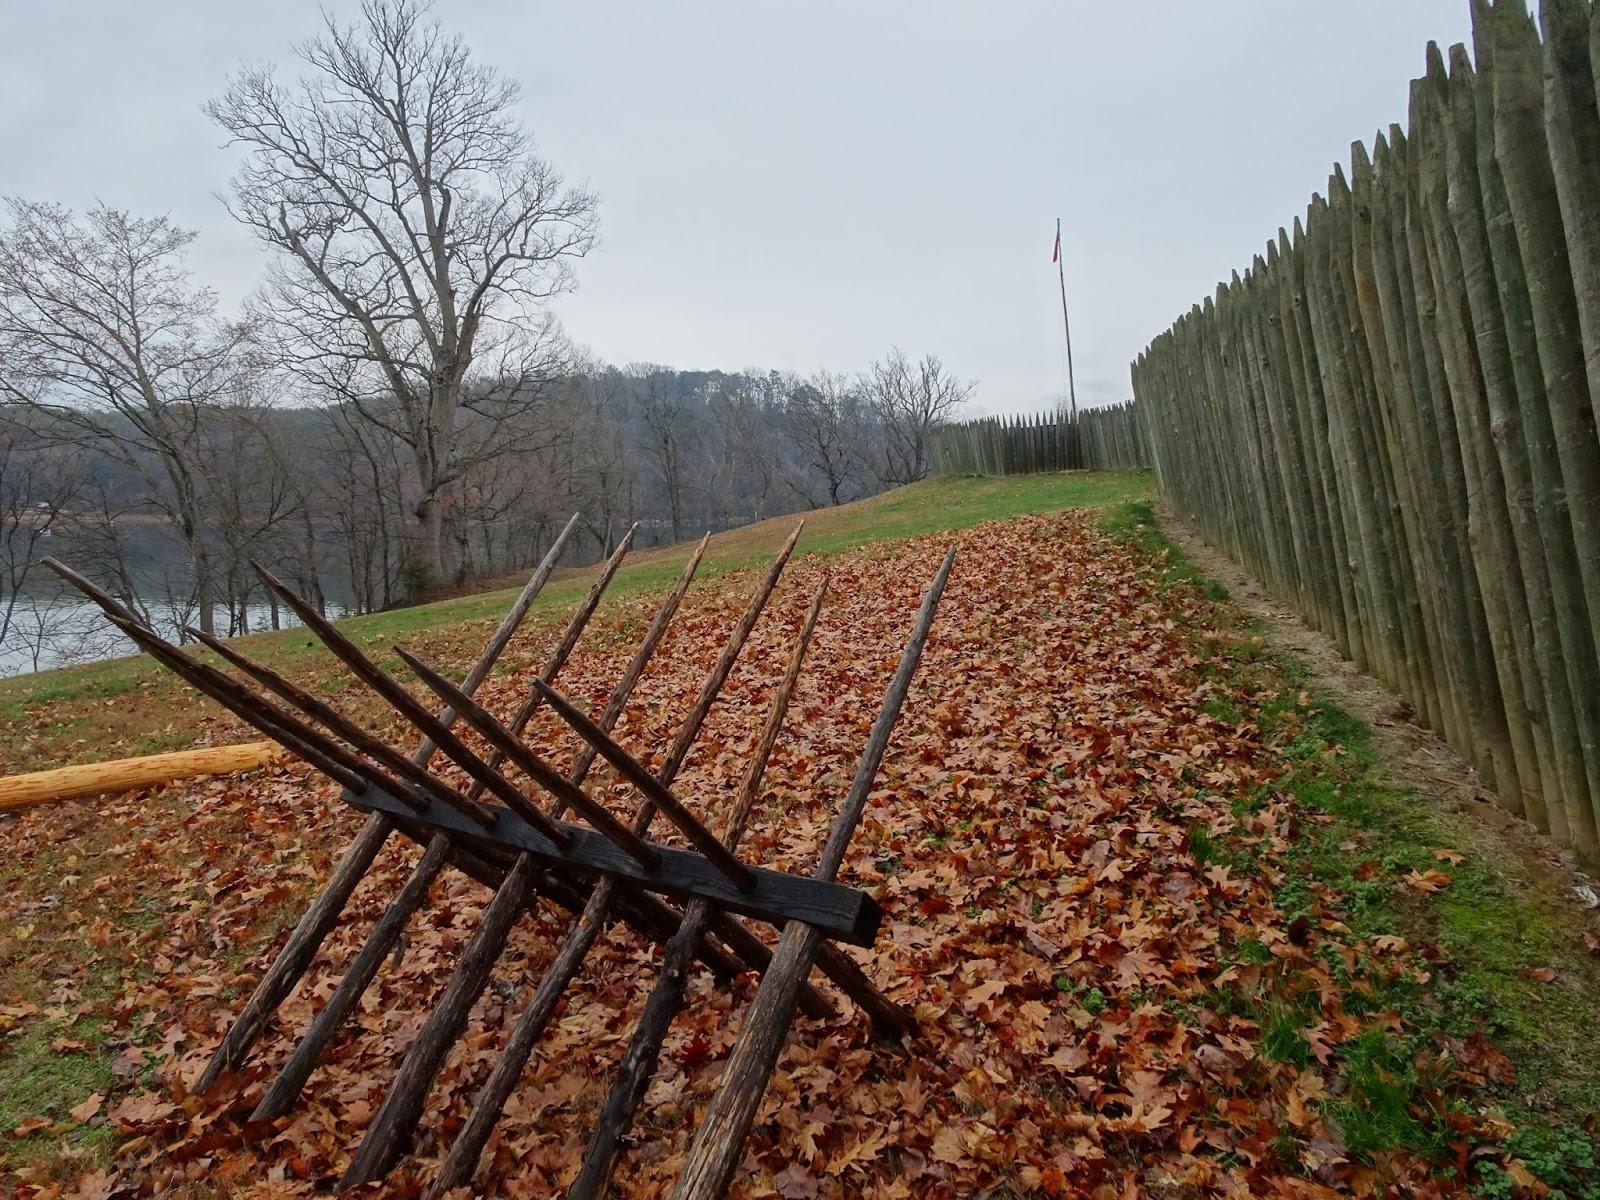 Siege of Fort Loudoun